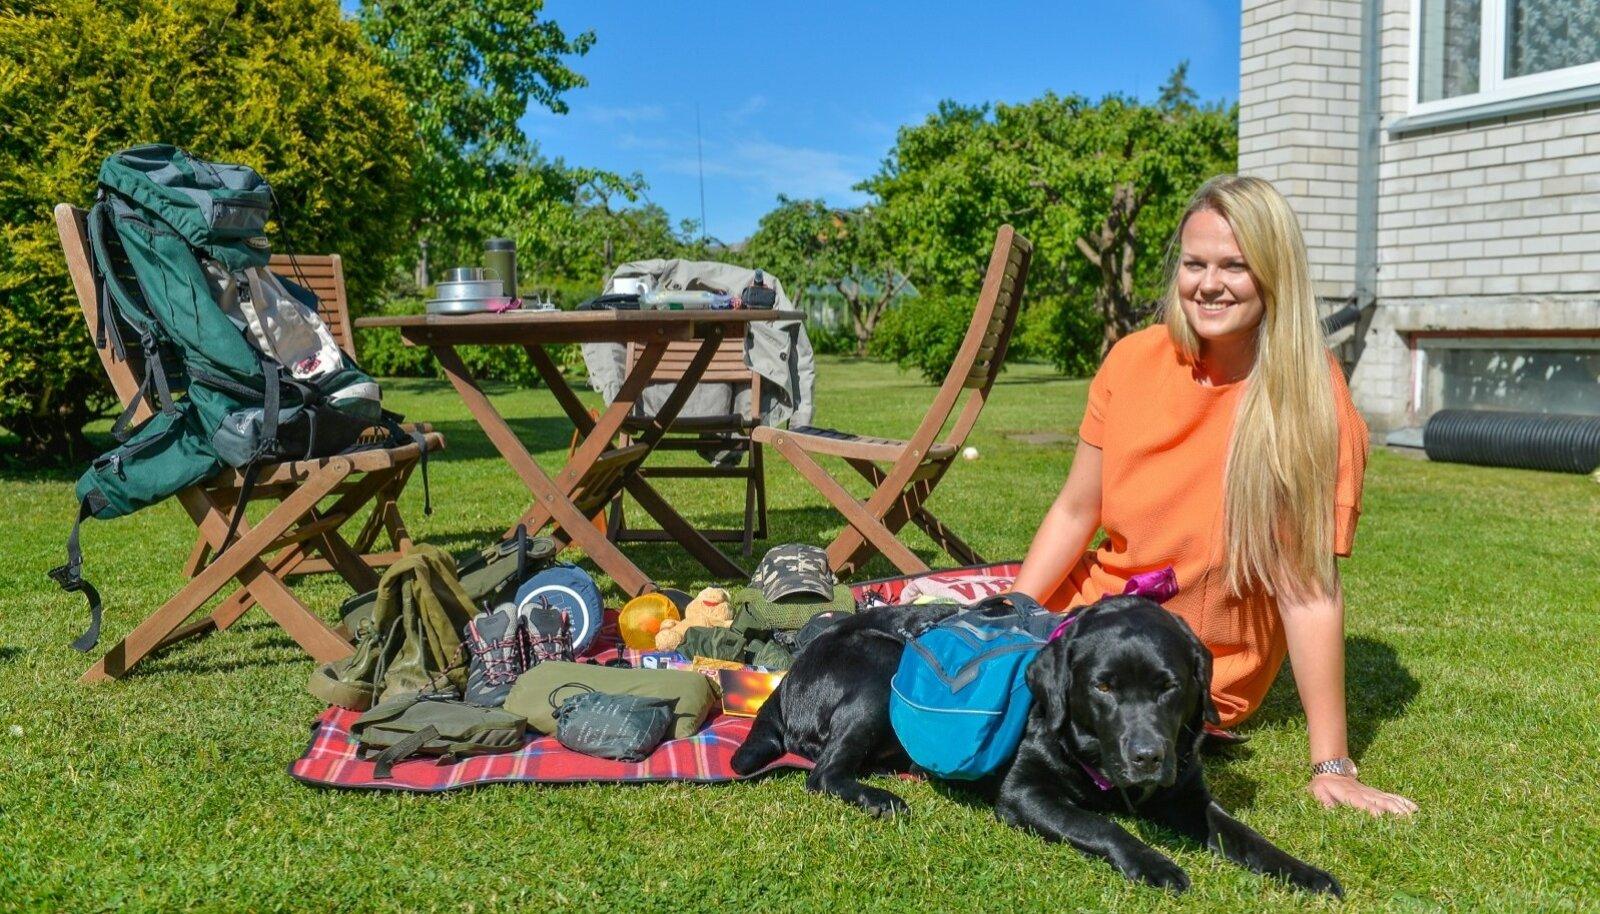 Heleri Hanko ja Steffi Graf näitavad varustust, millega alustavad täna üht Eesti pikemat matkateed. Steffil, nagu näha, on oma seljakott.